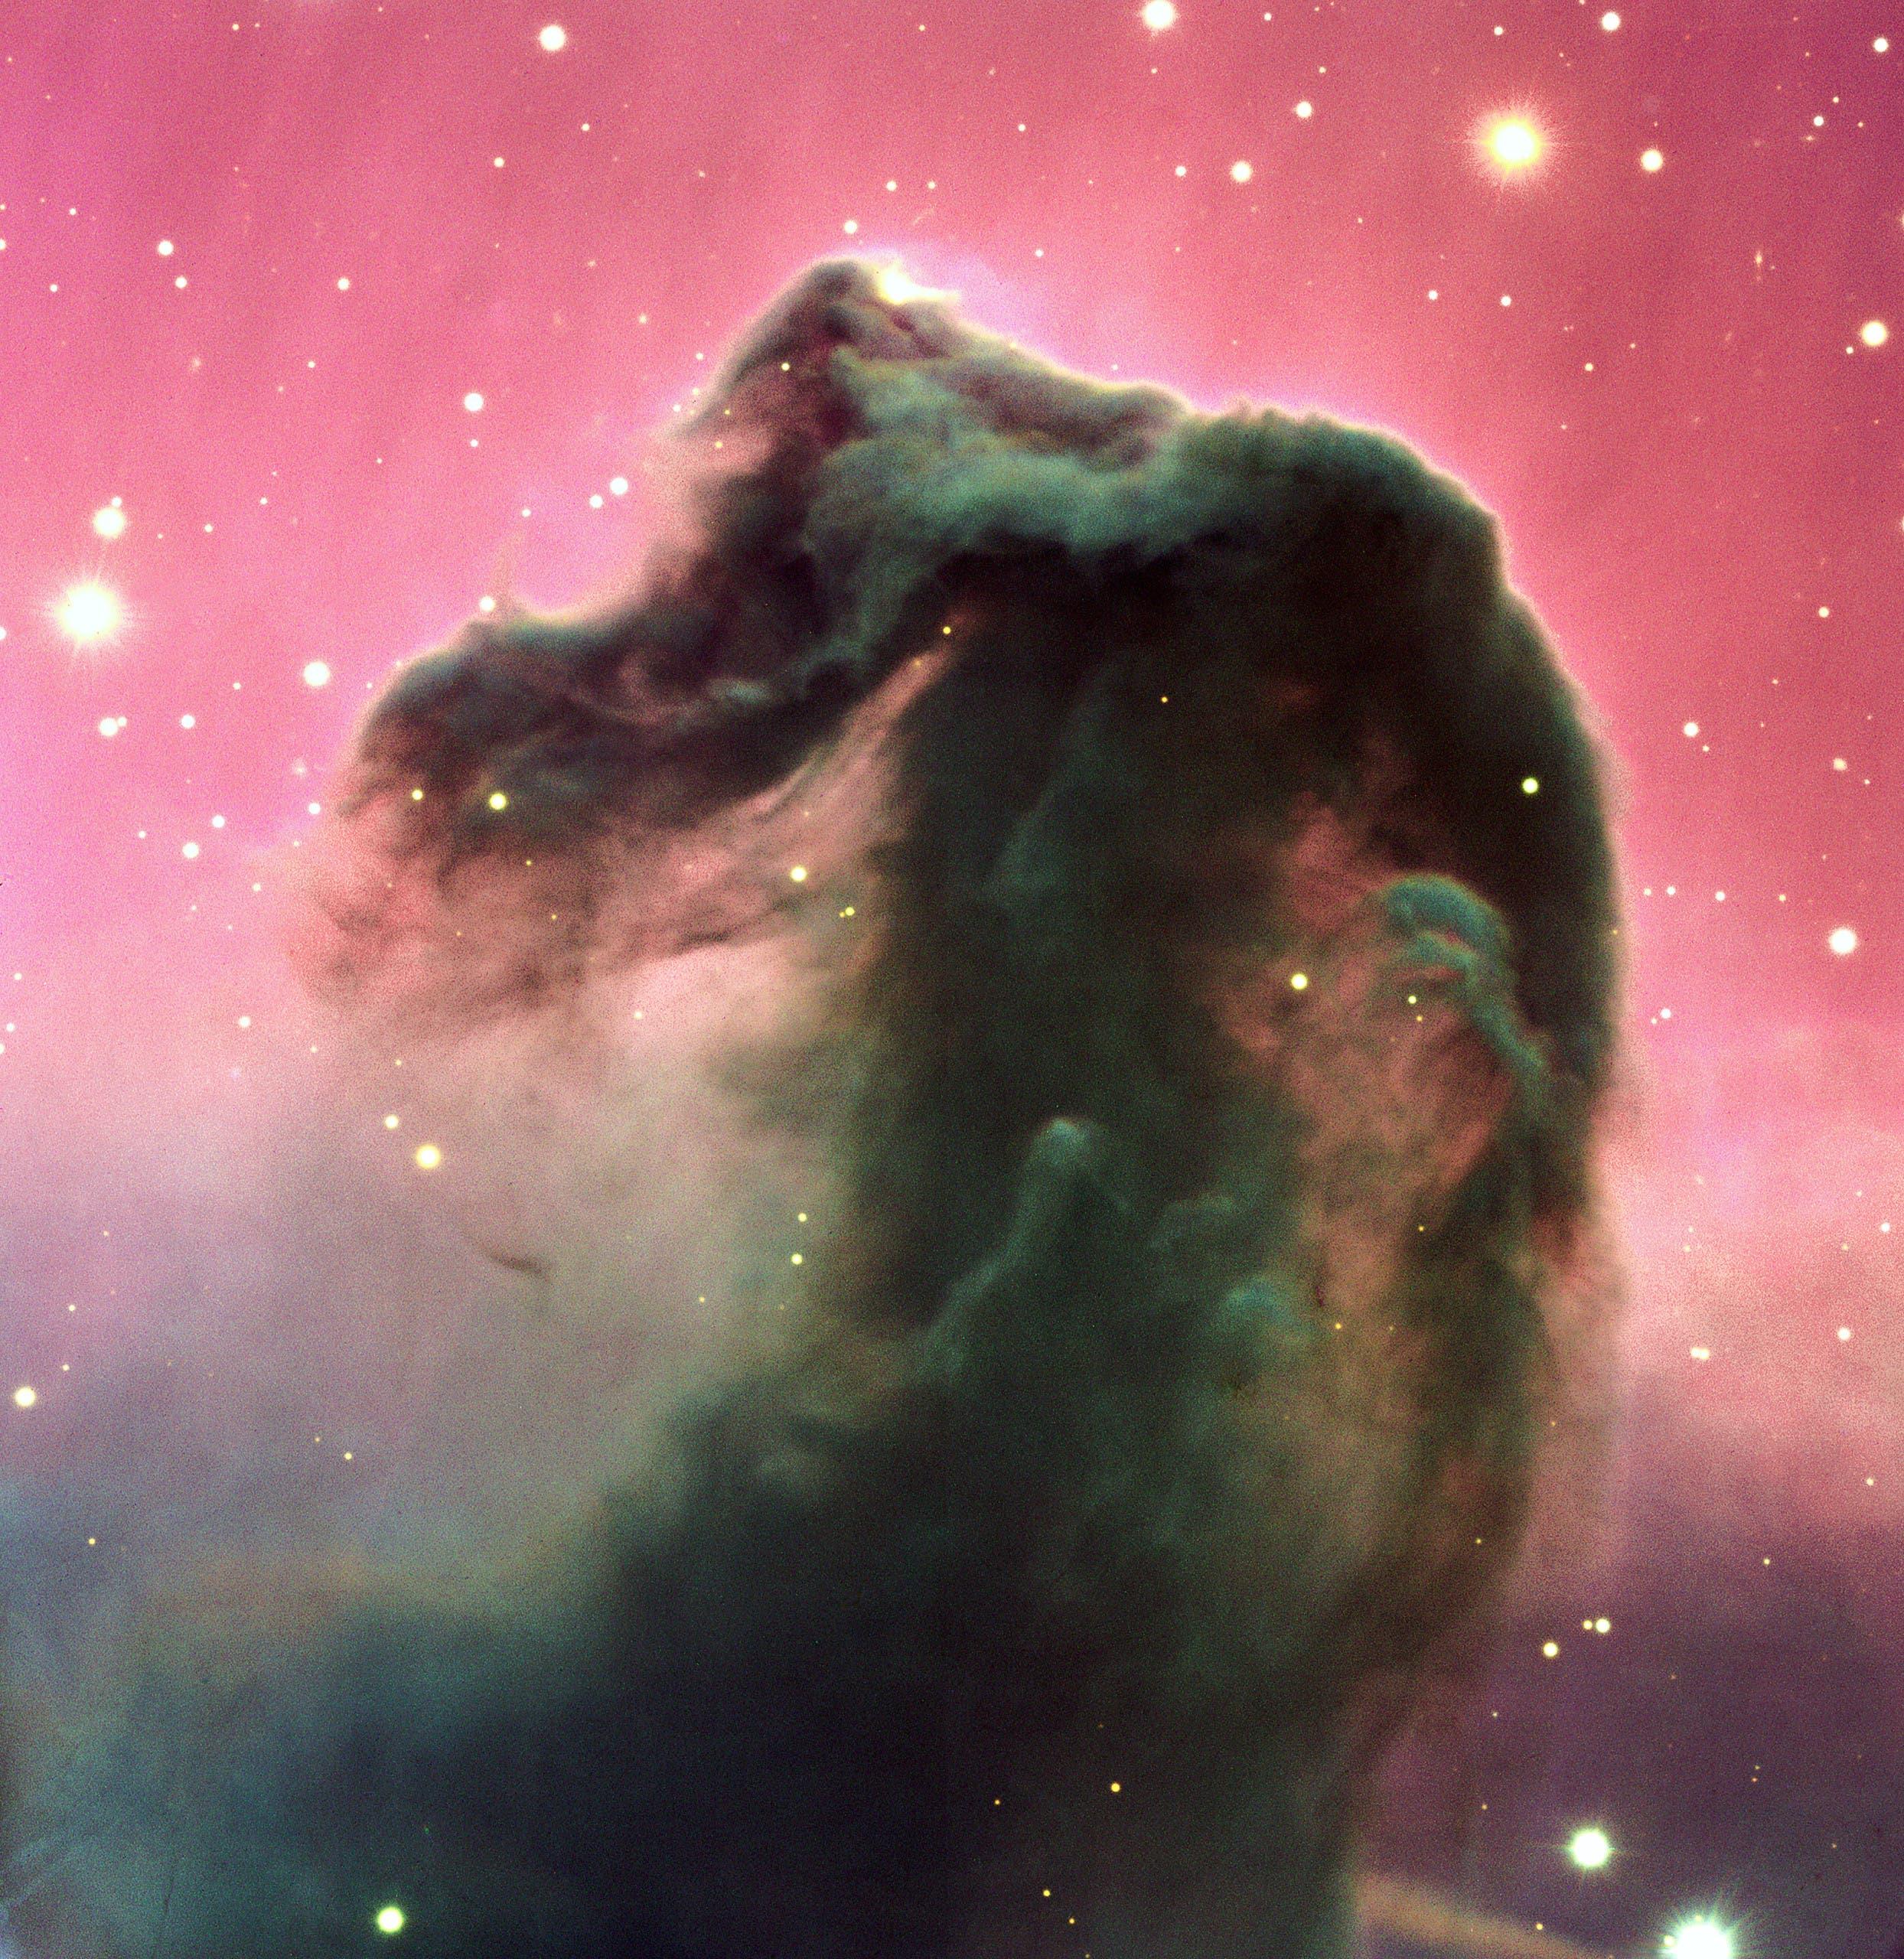 تصویر سحابی کله اسبی با استفاده از تلسکوپ رصدخانه جنوبی اروپا